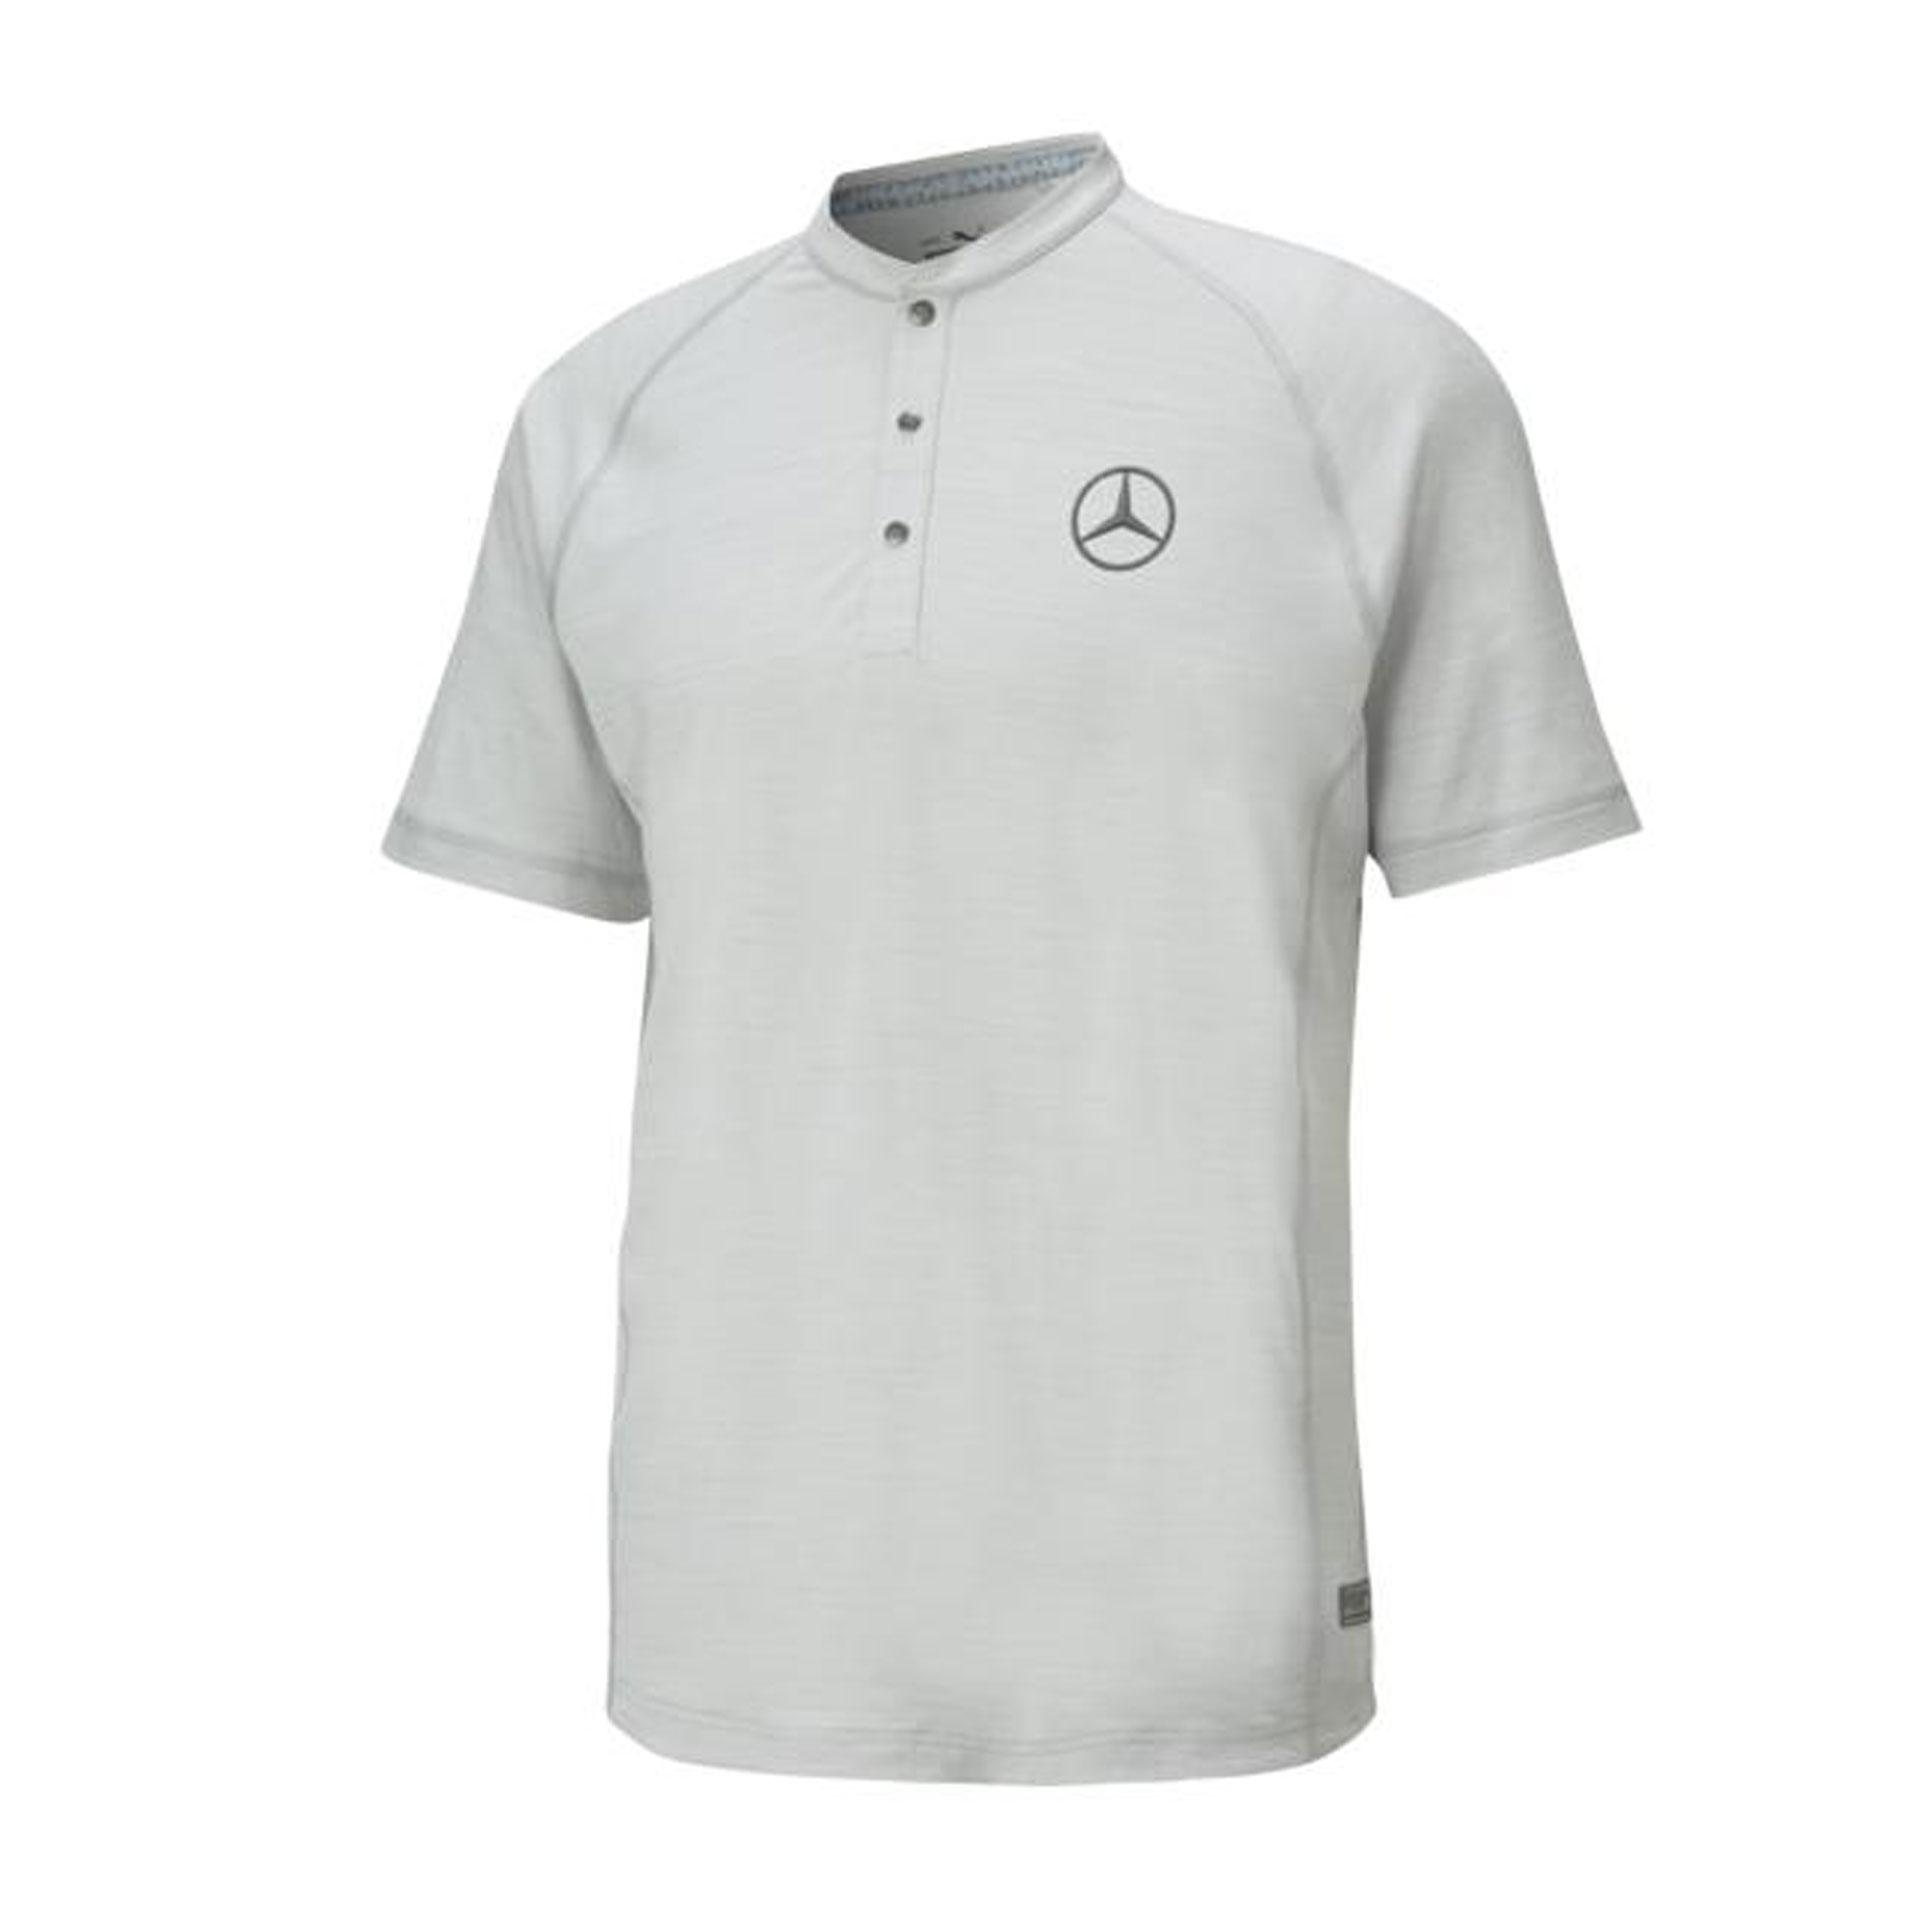 Mercedes-Benz Golf-Poloshirt Herren grau by PUMA Poloshirt